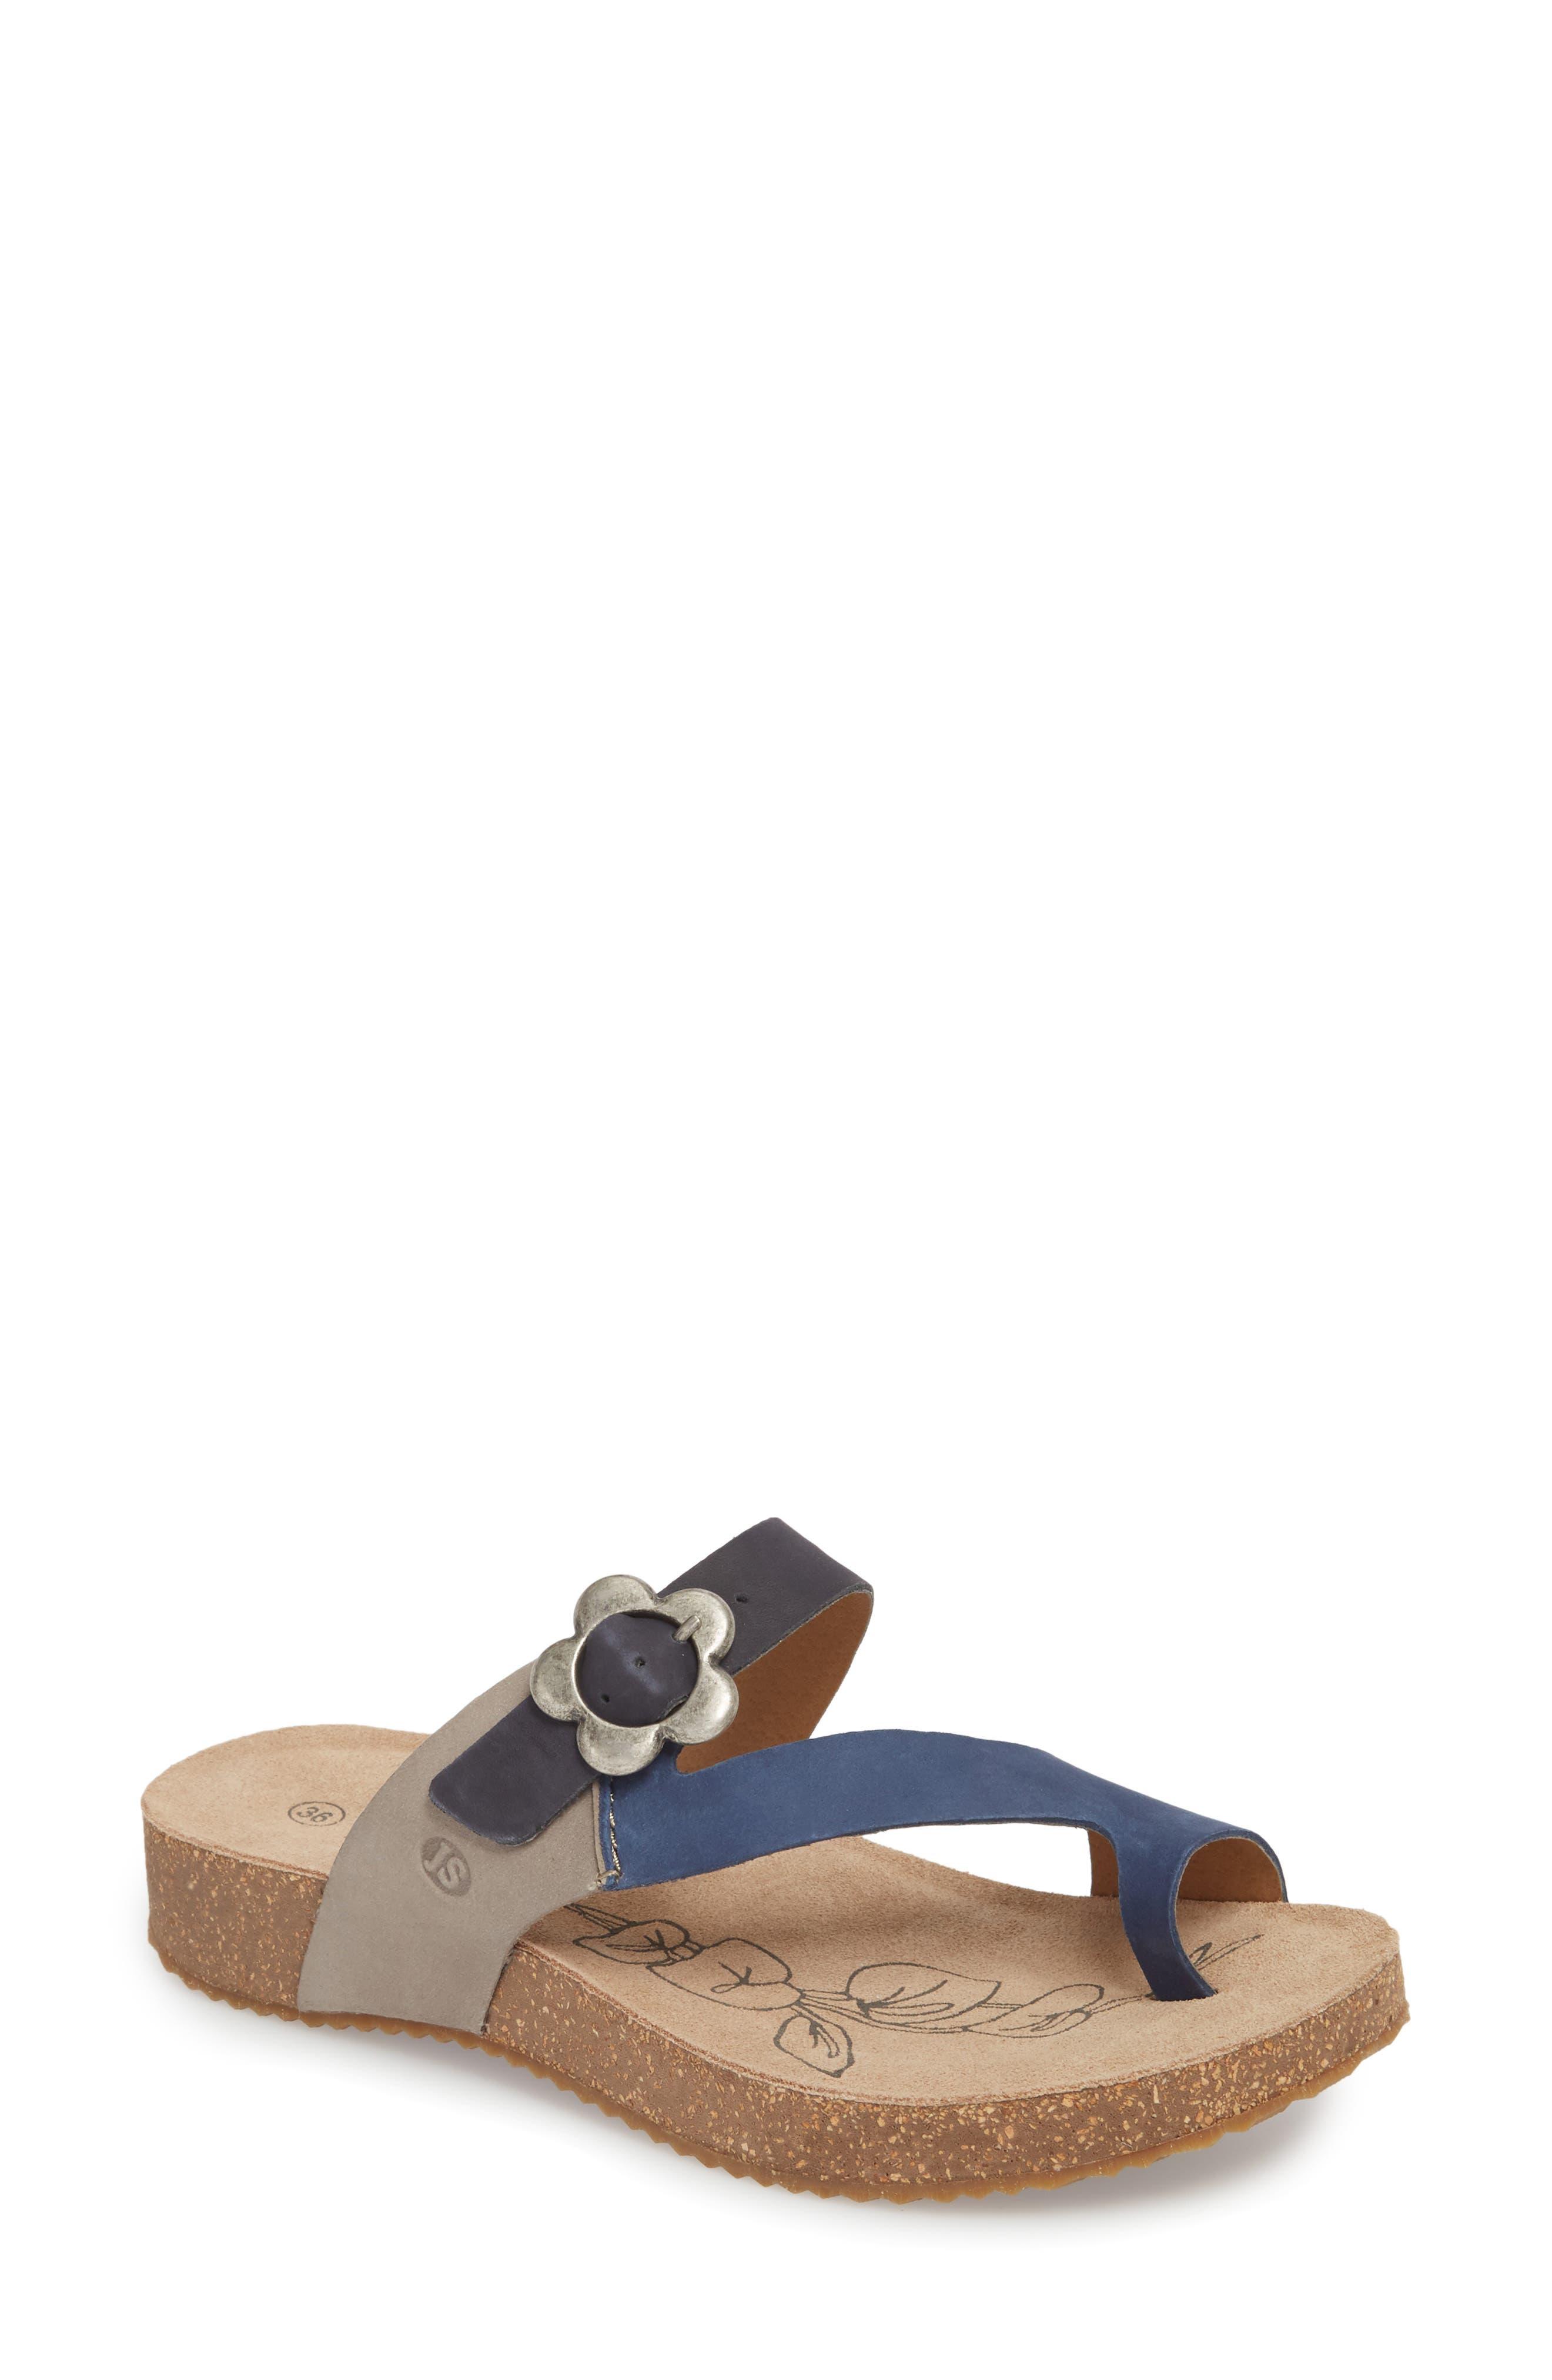 Tonga 23 Sandal,                             Main thumbnail 1, color,                             Blue Multi Leather